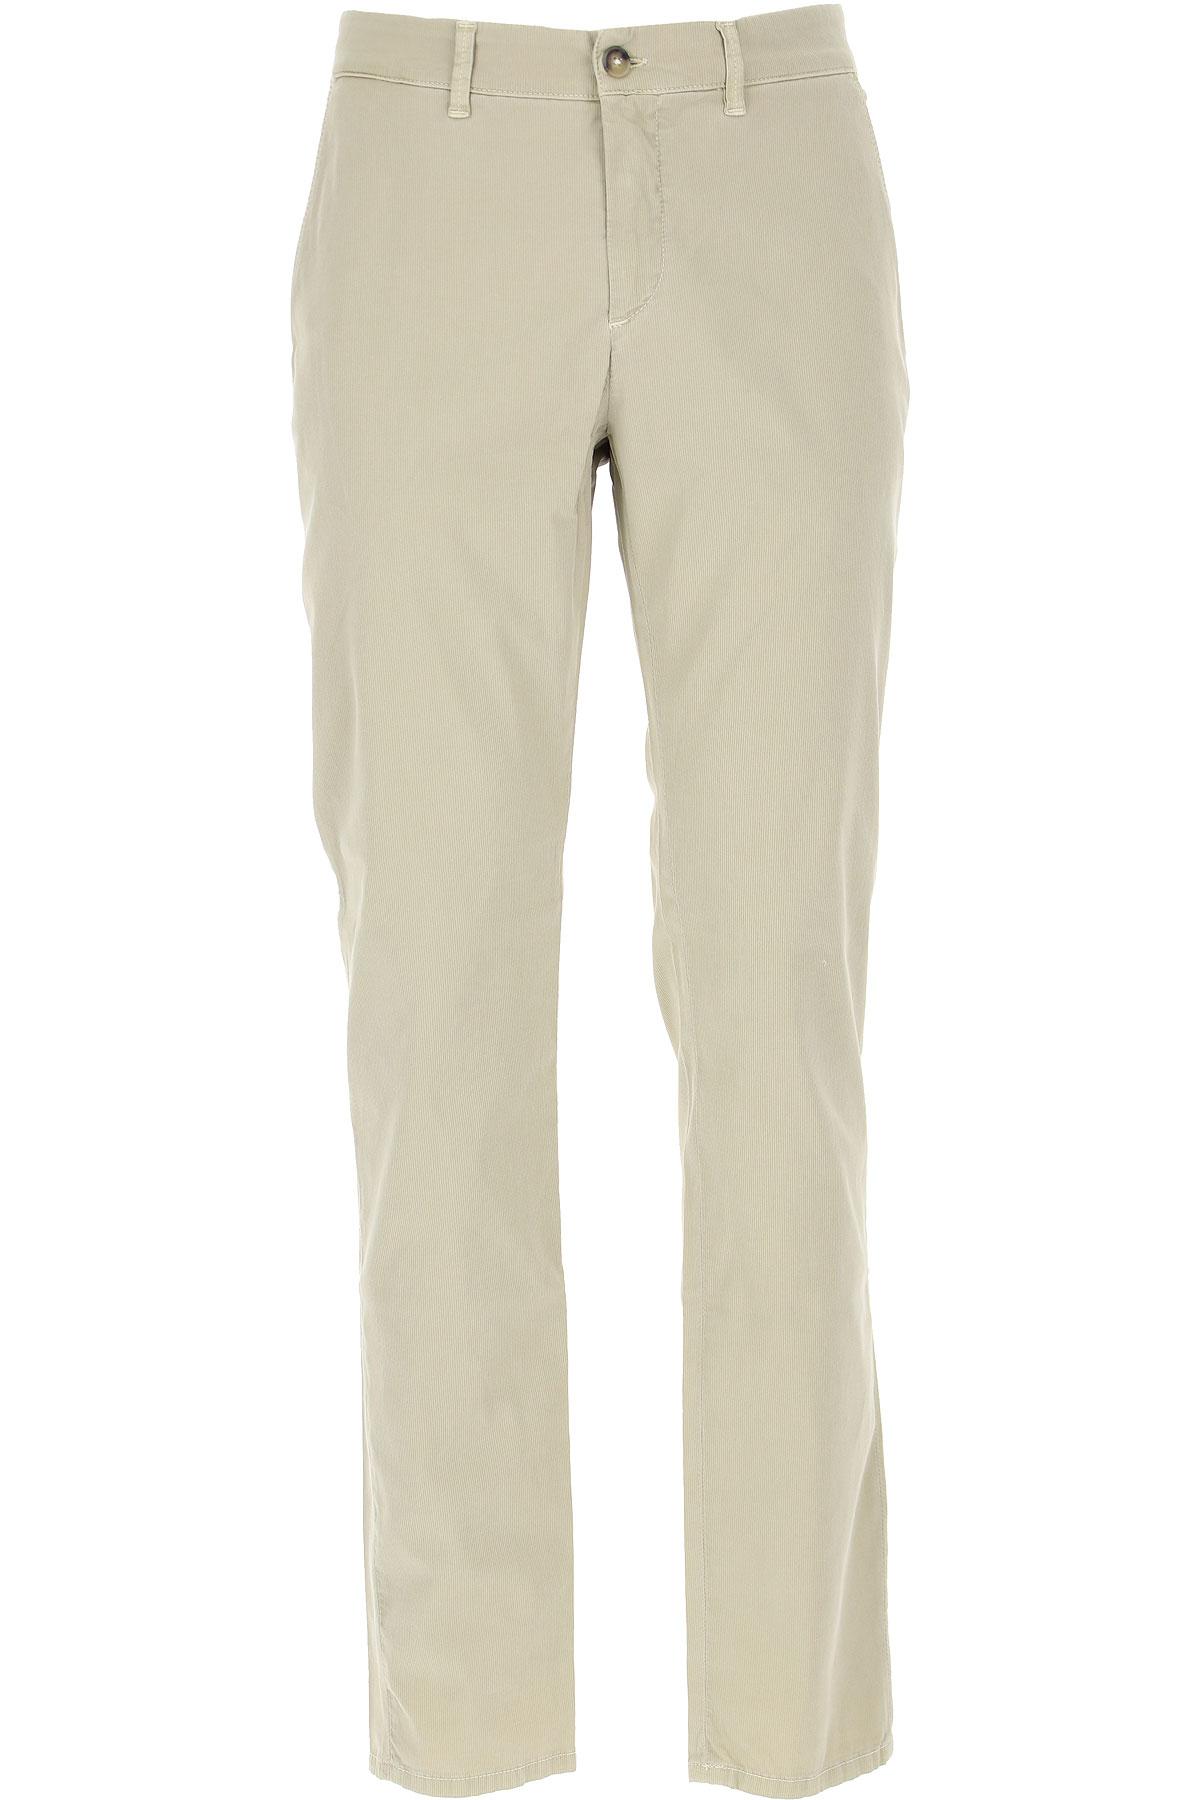 Jeckerson Pants for Men On Sale, Cotton, 2019, 29 30 31 32 34 35 38 40